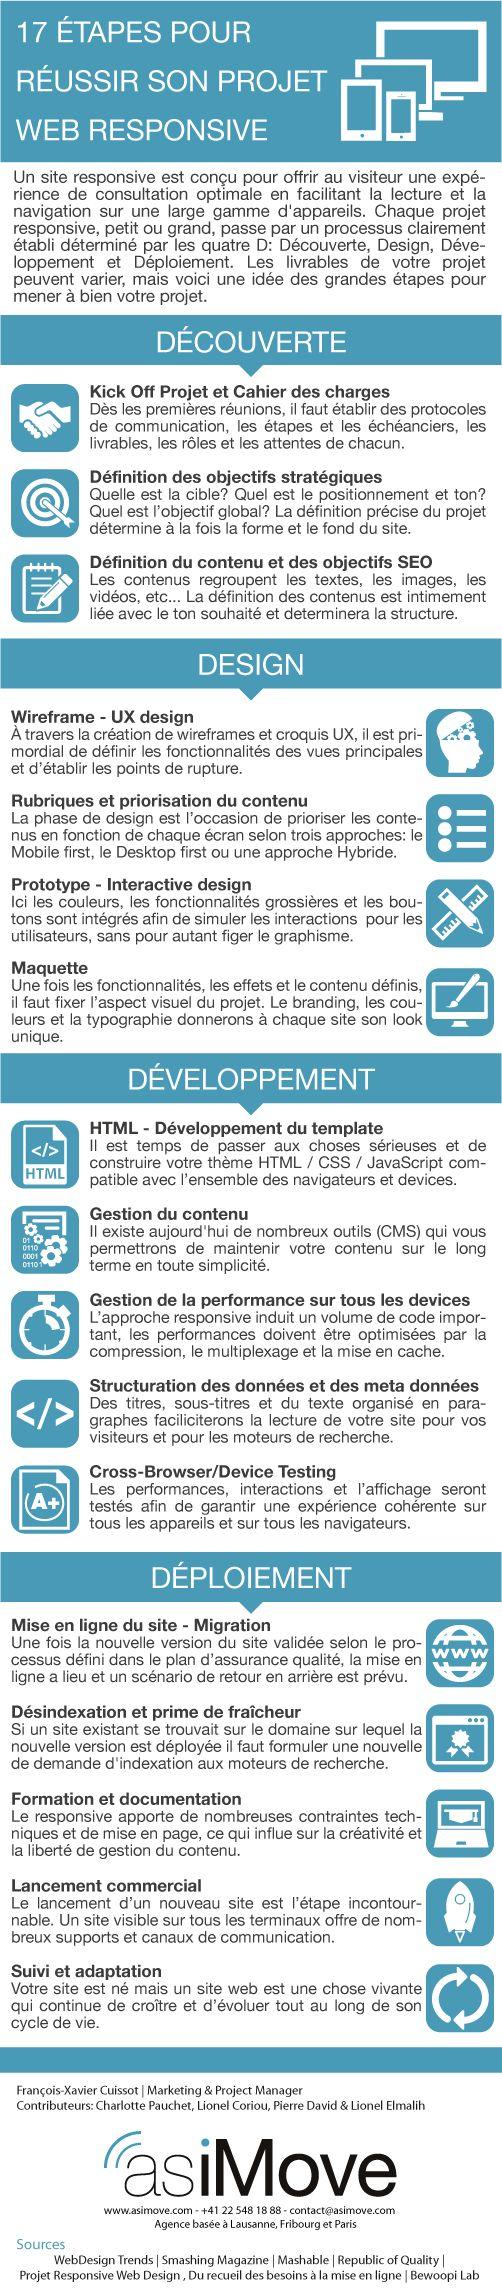 [Infographie] 17 étapes pour réussir son projet web responsive